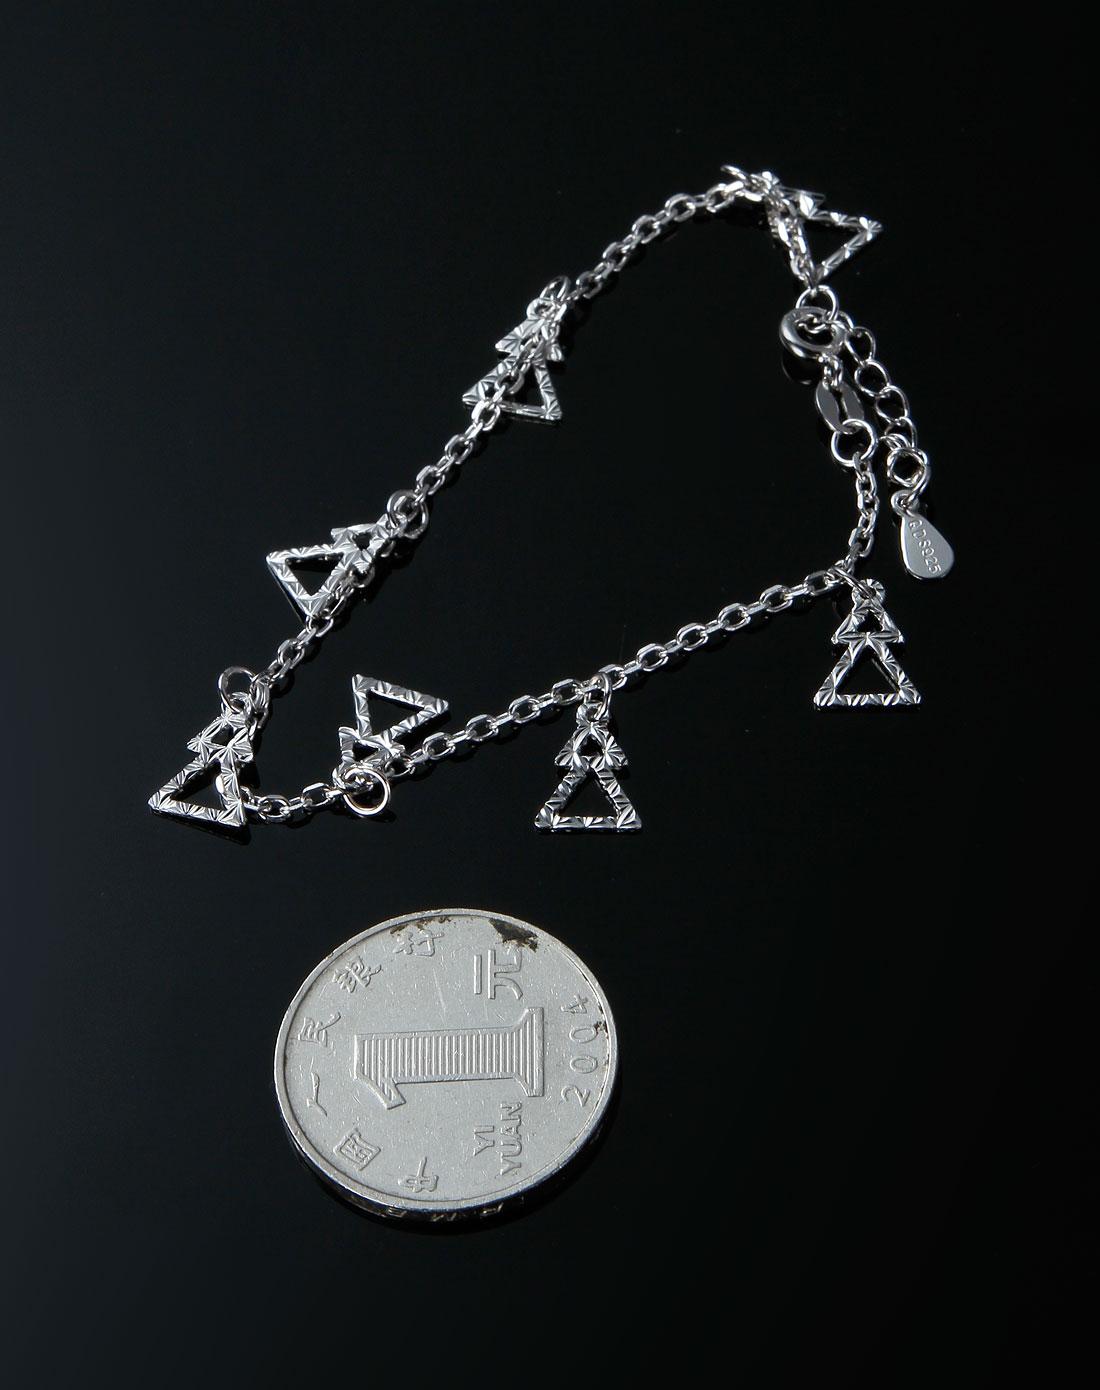 7°c银匠世家女款银色素色三角形手链